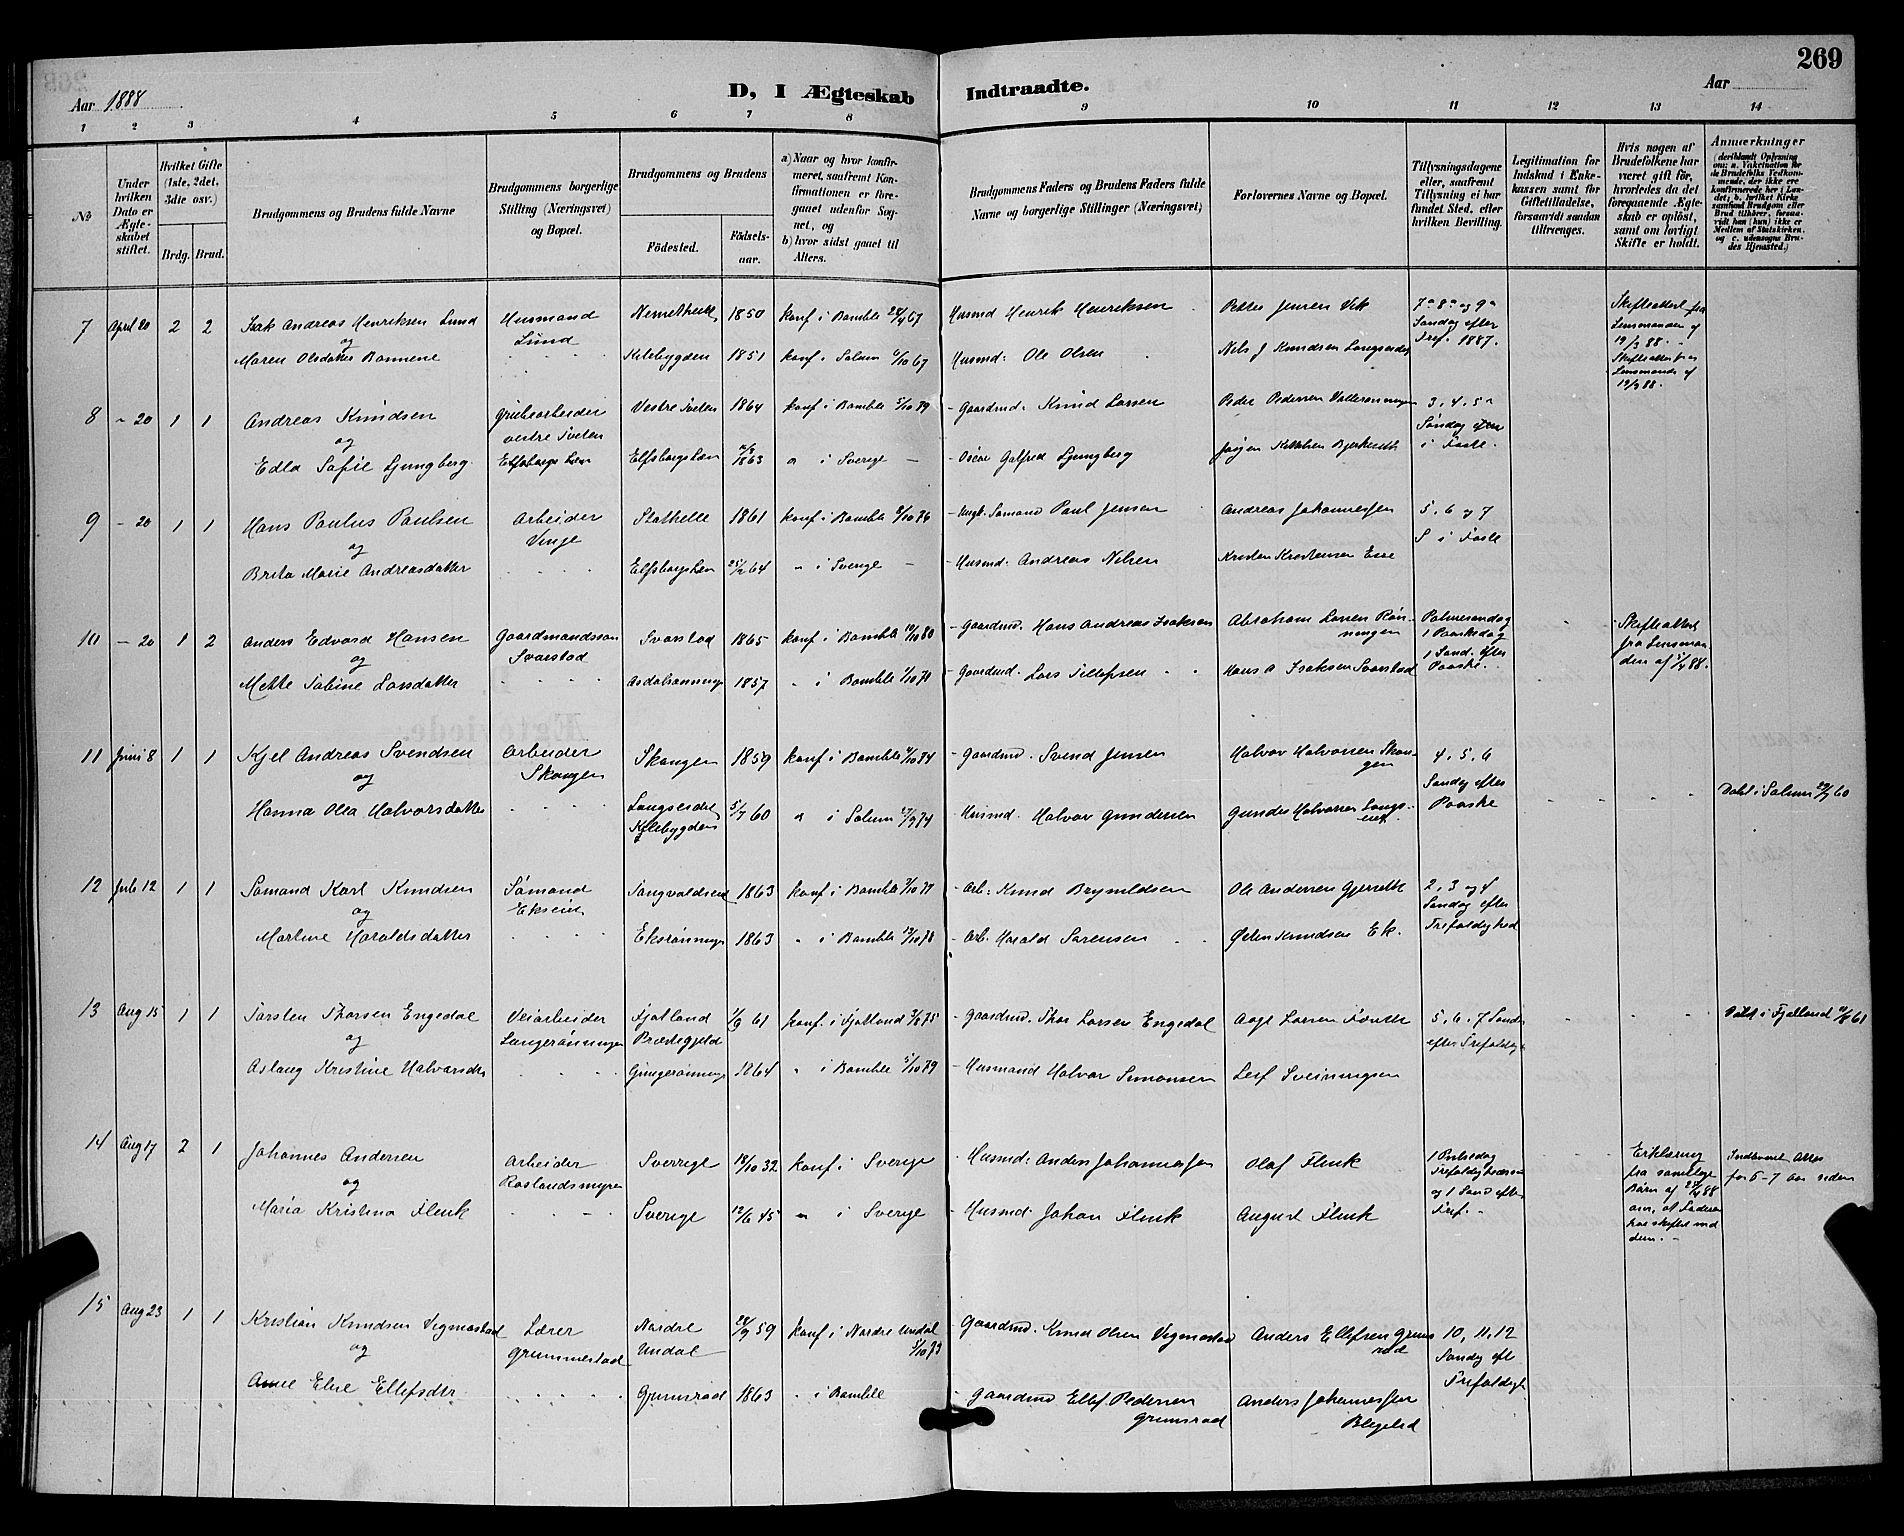 SAKO, Bamble kirkebøker, G/Ga/L0009: Klokkerbok nr. I 9, 1888-1900, s. 269